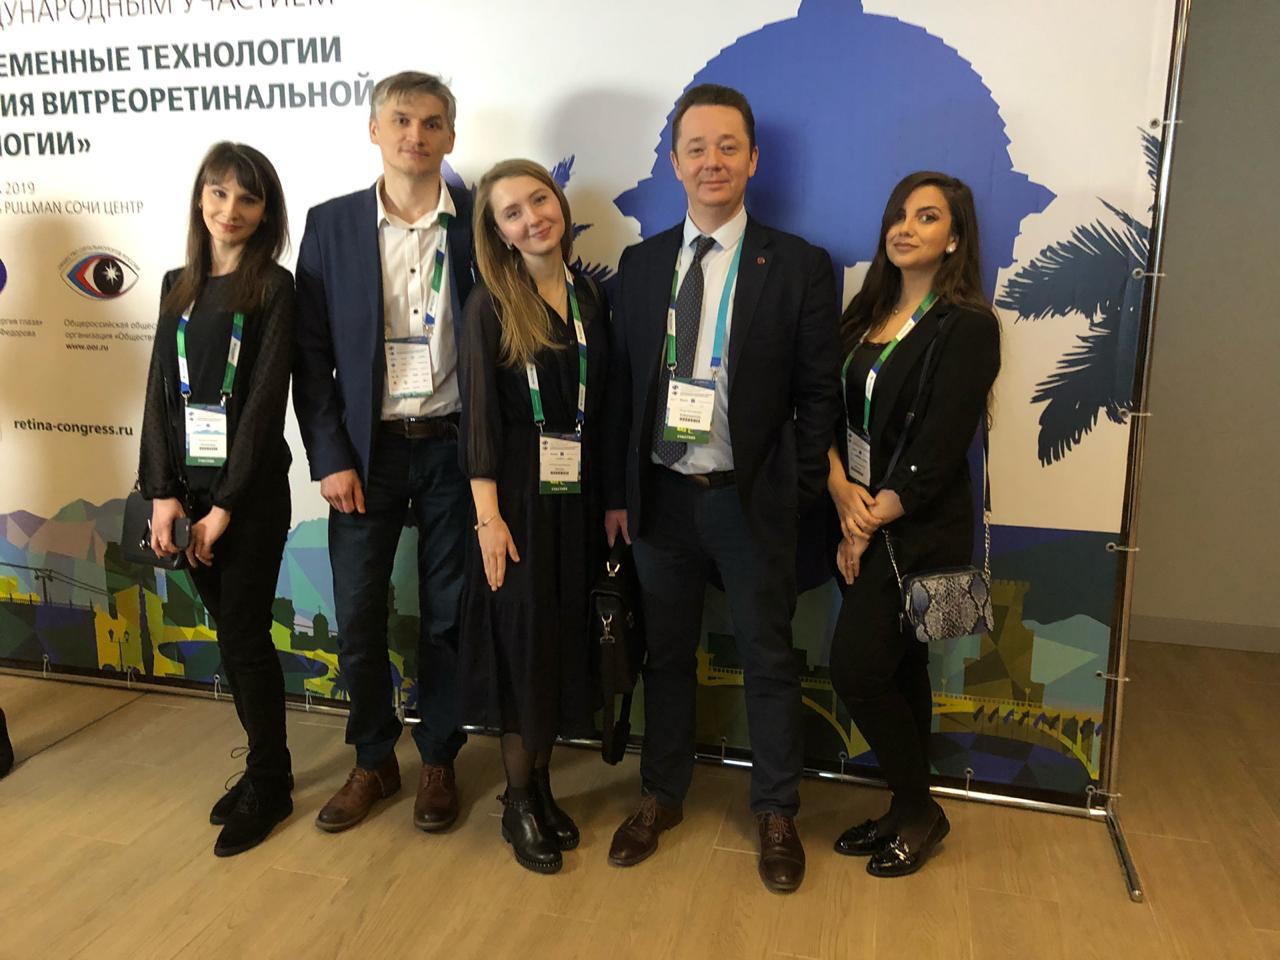 17-я Всероссийская научно-практическая конференция с международным участием «Современные технологии лечения витреоретинальной патологии»